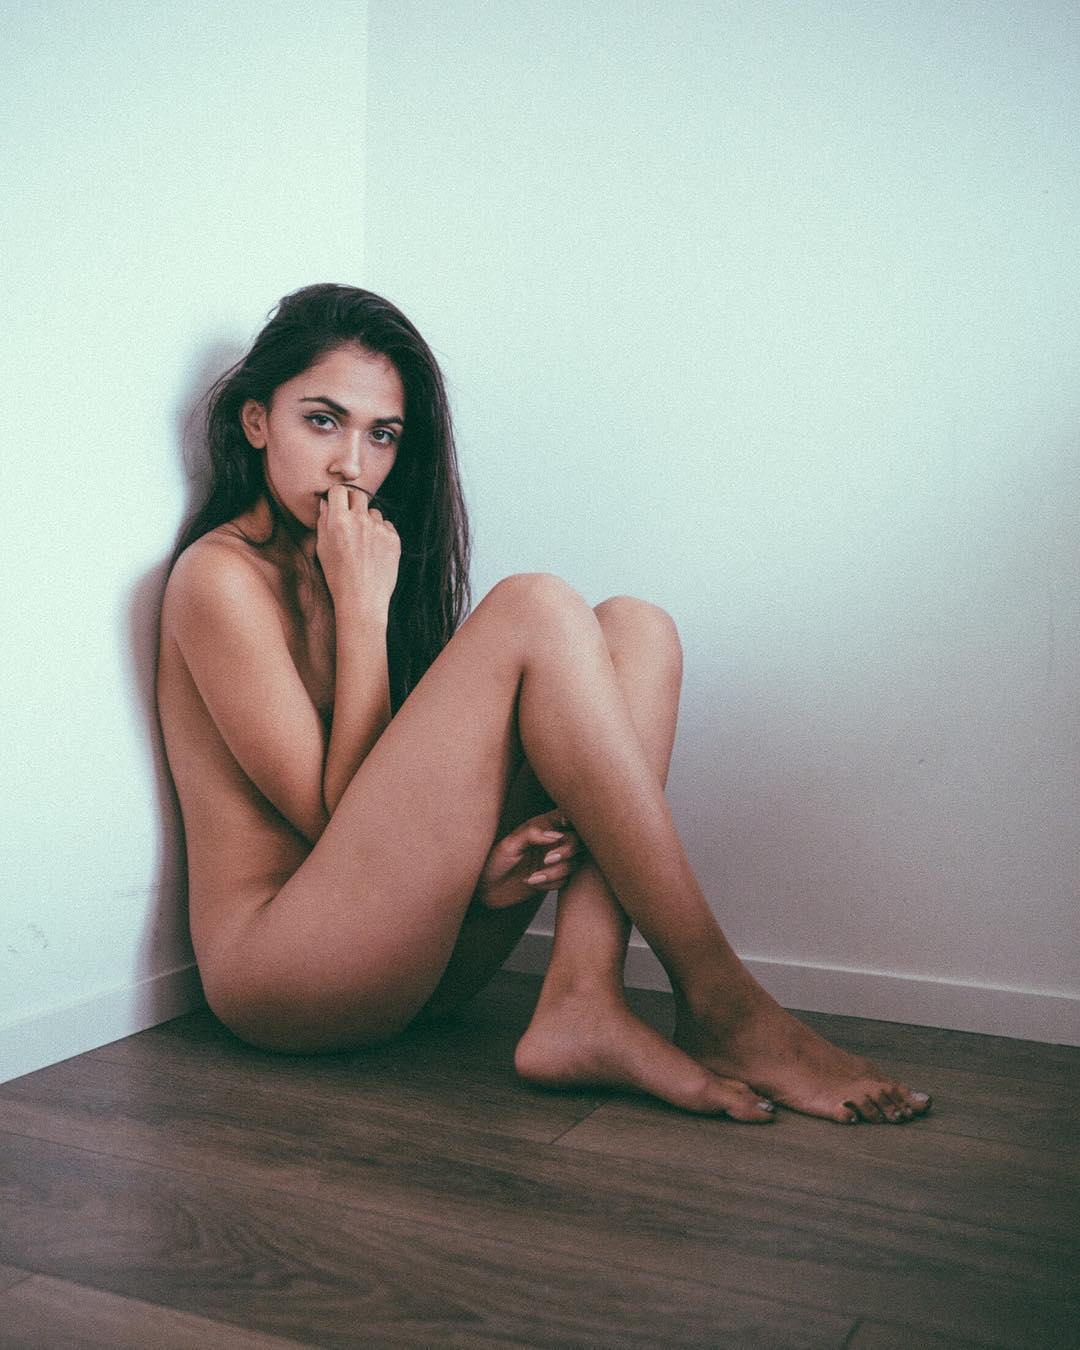 Яркие женские образы на фотографиях от Али Сареми